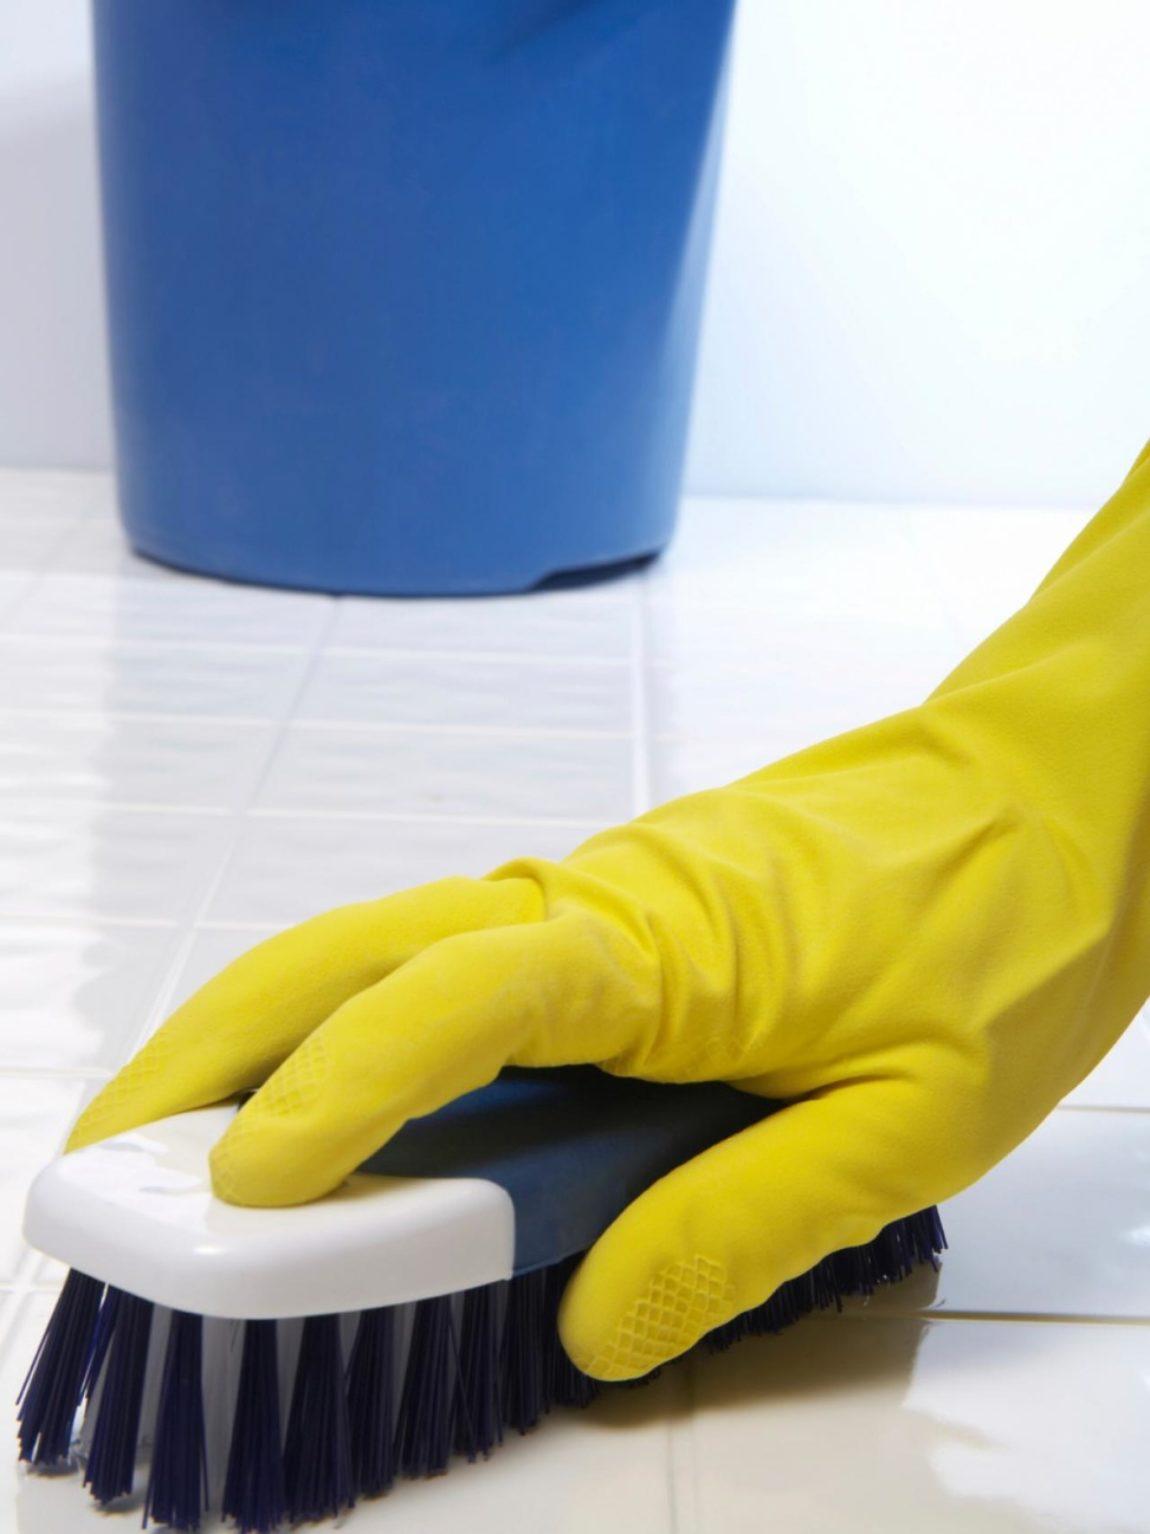 kuta_lubeck_cleaning2.jpg